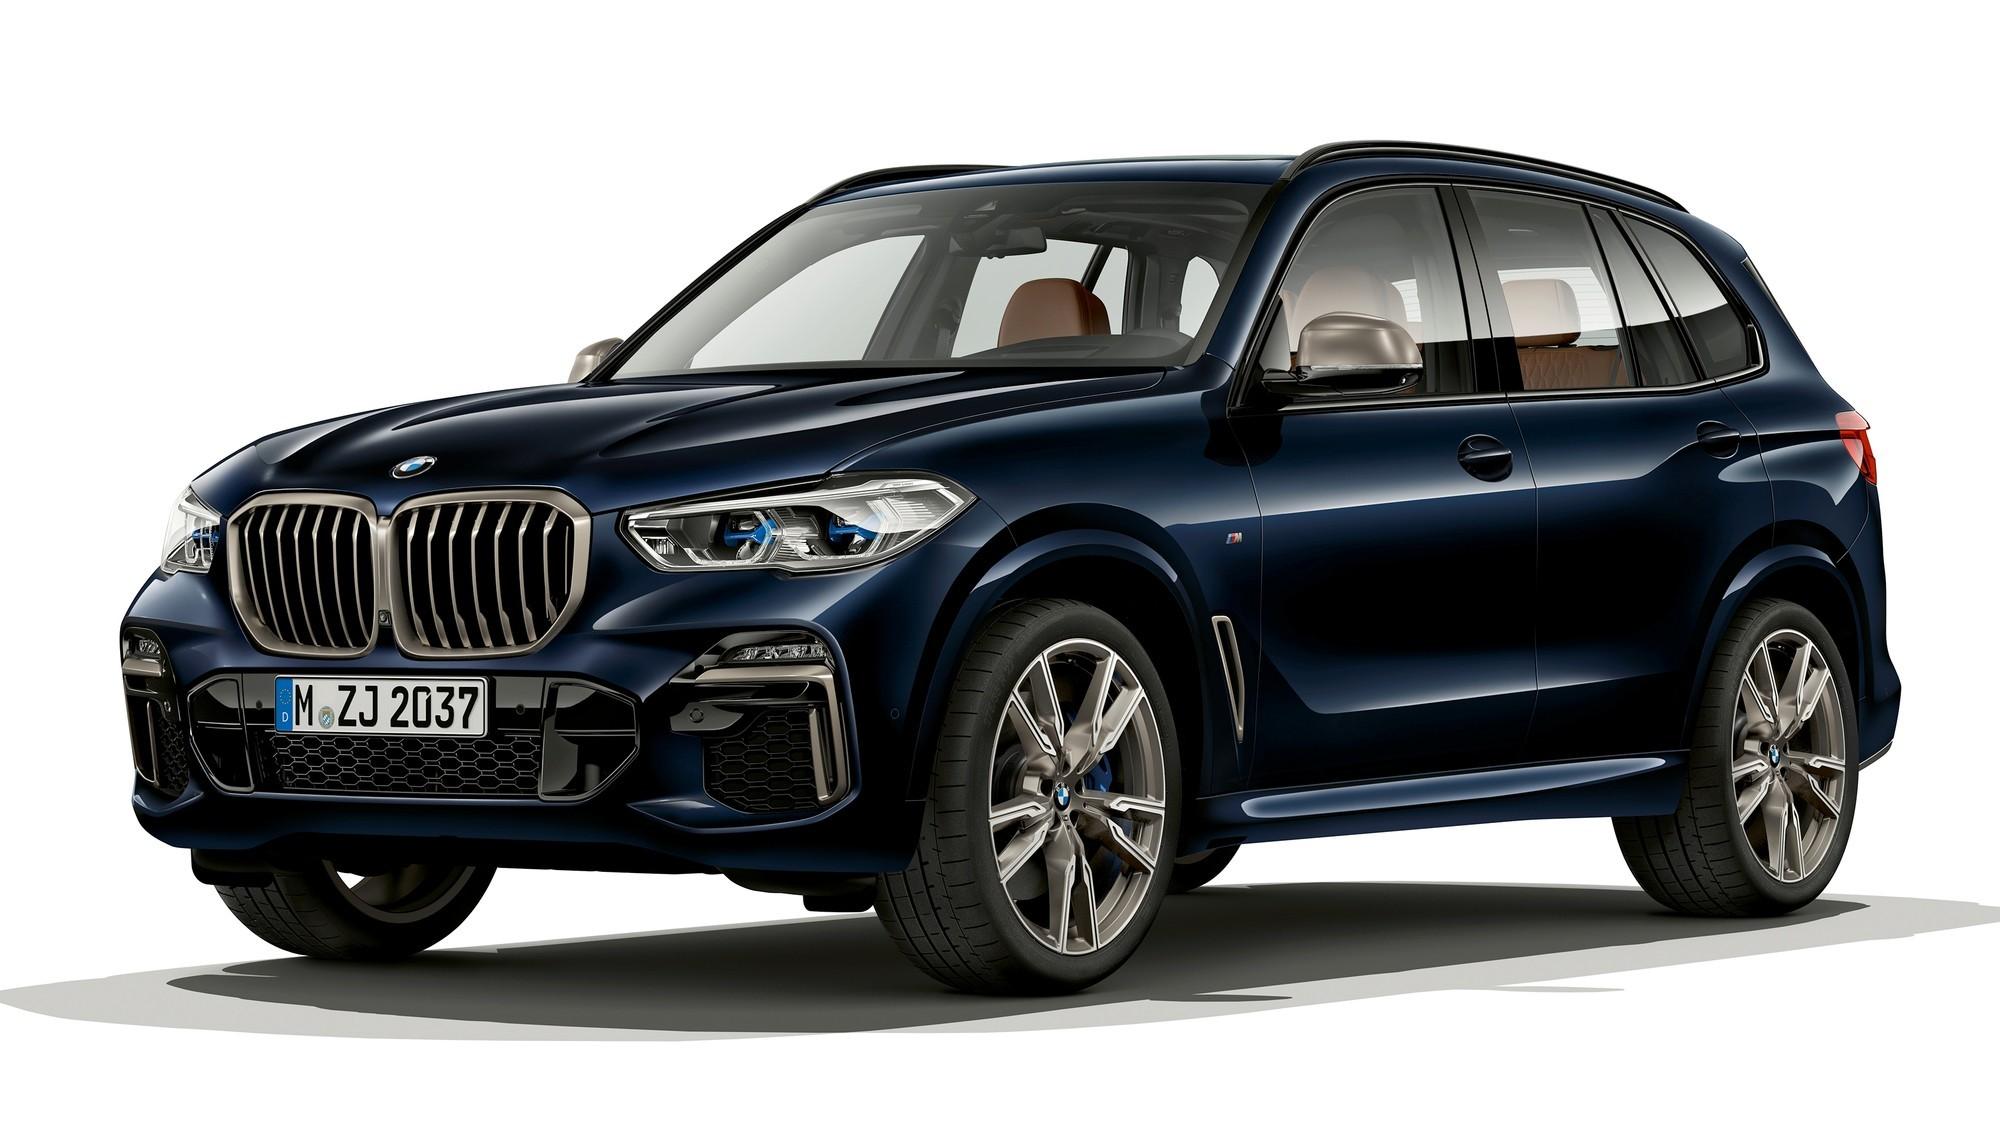 До ремонта лучше не ездить: в России отзывают BMW X5, X6 и X7